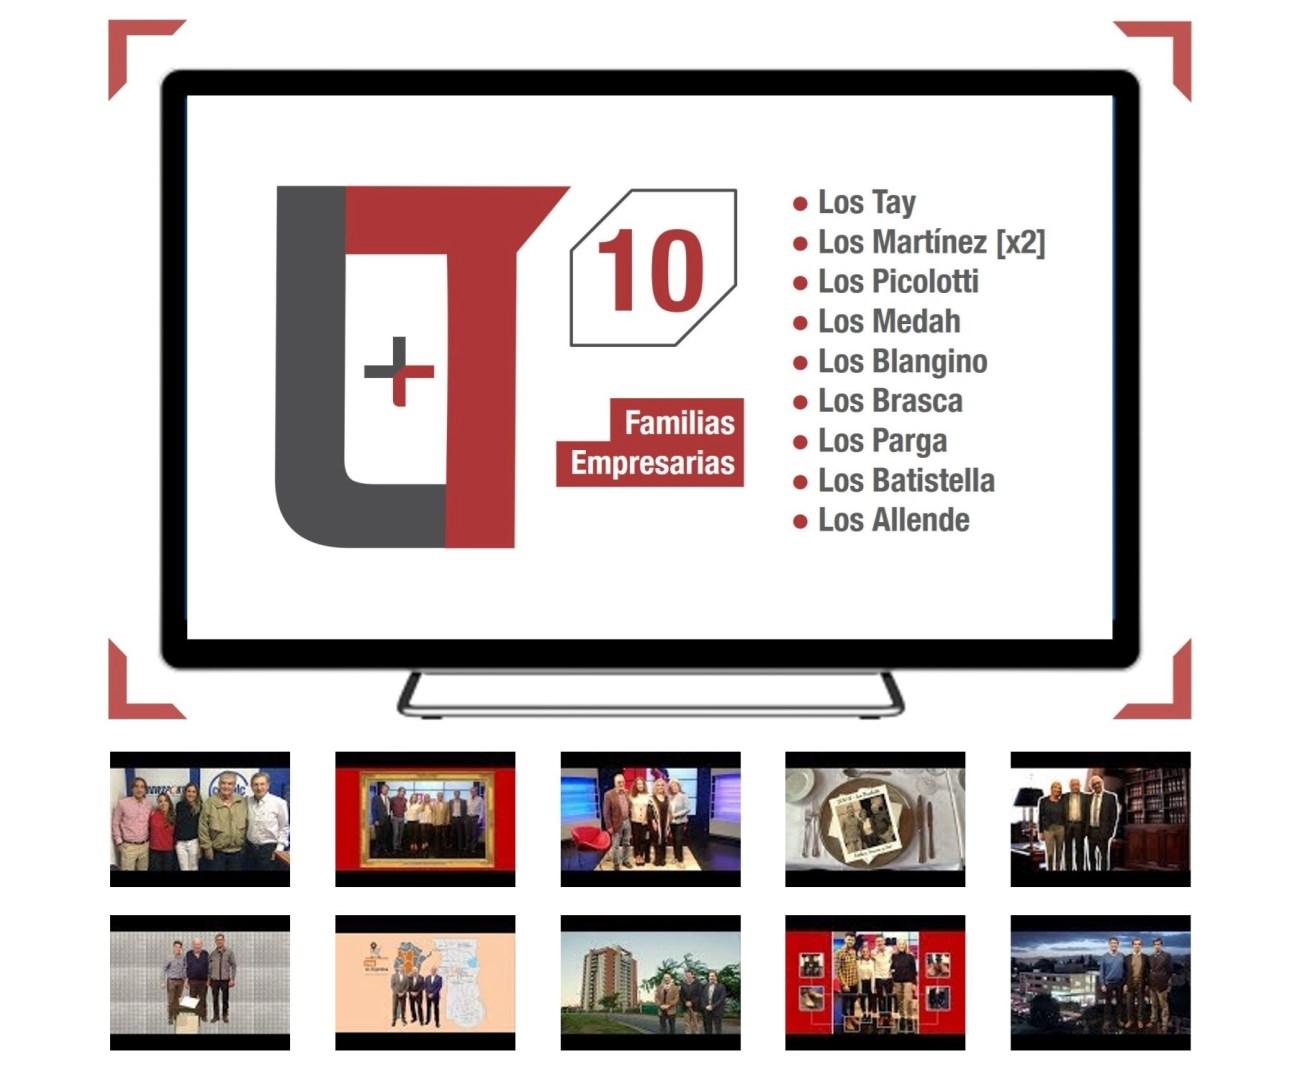 Empresas Familiares - Las primeras 10 empresas familiares que pasaron por Los Turello Plus.